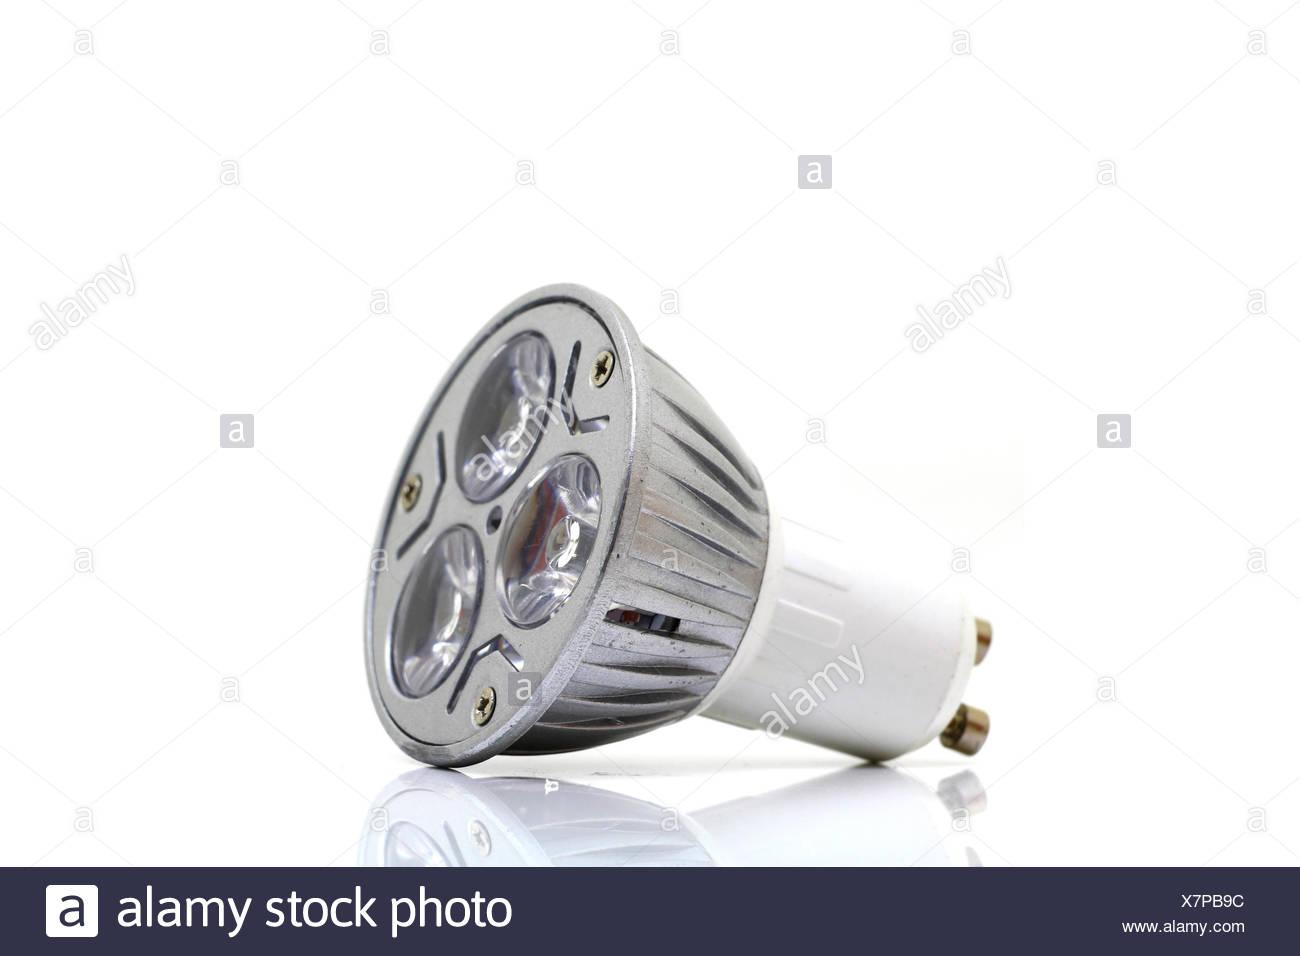 LED on white background - Stock Image